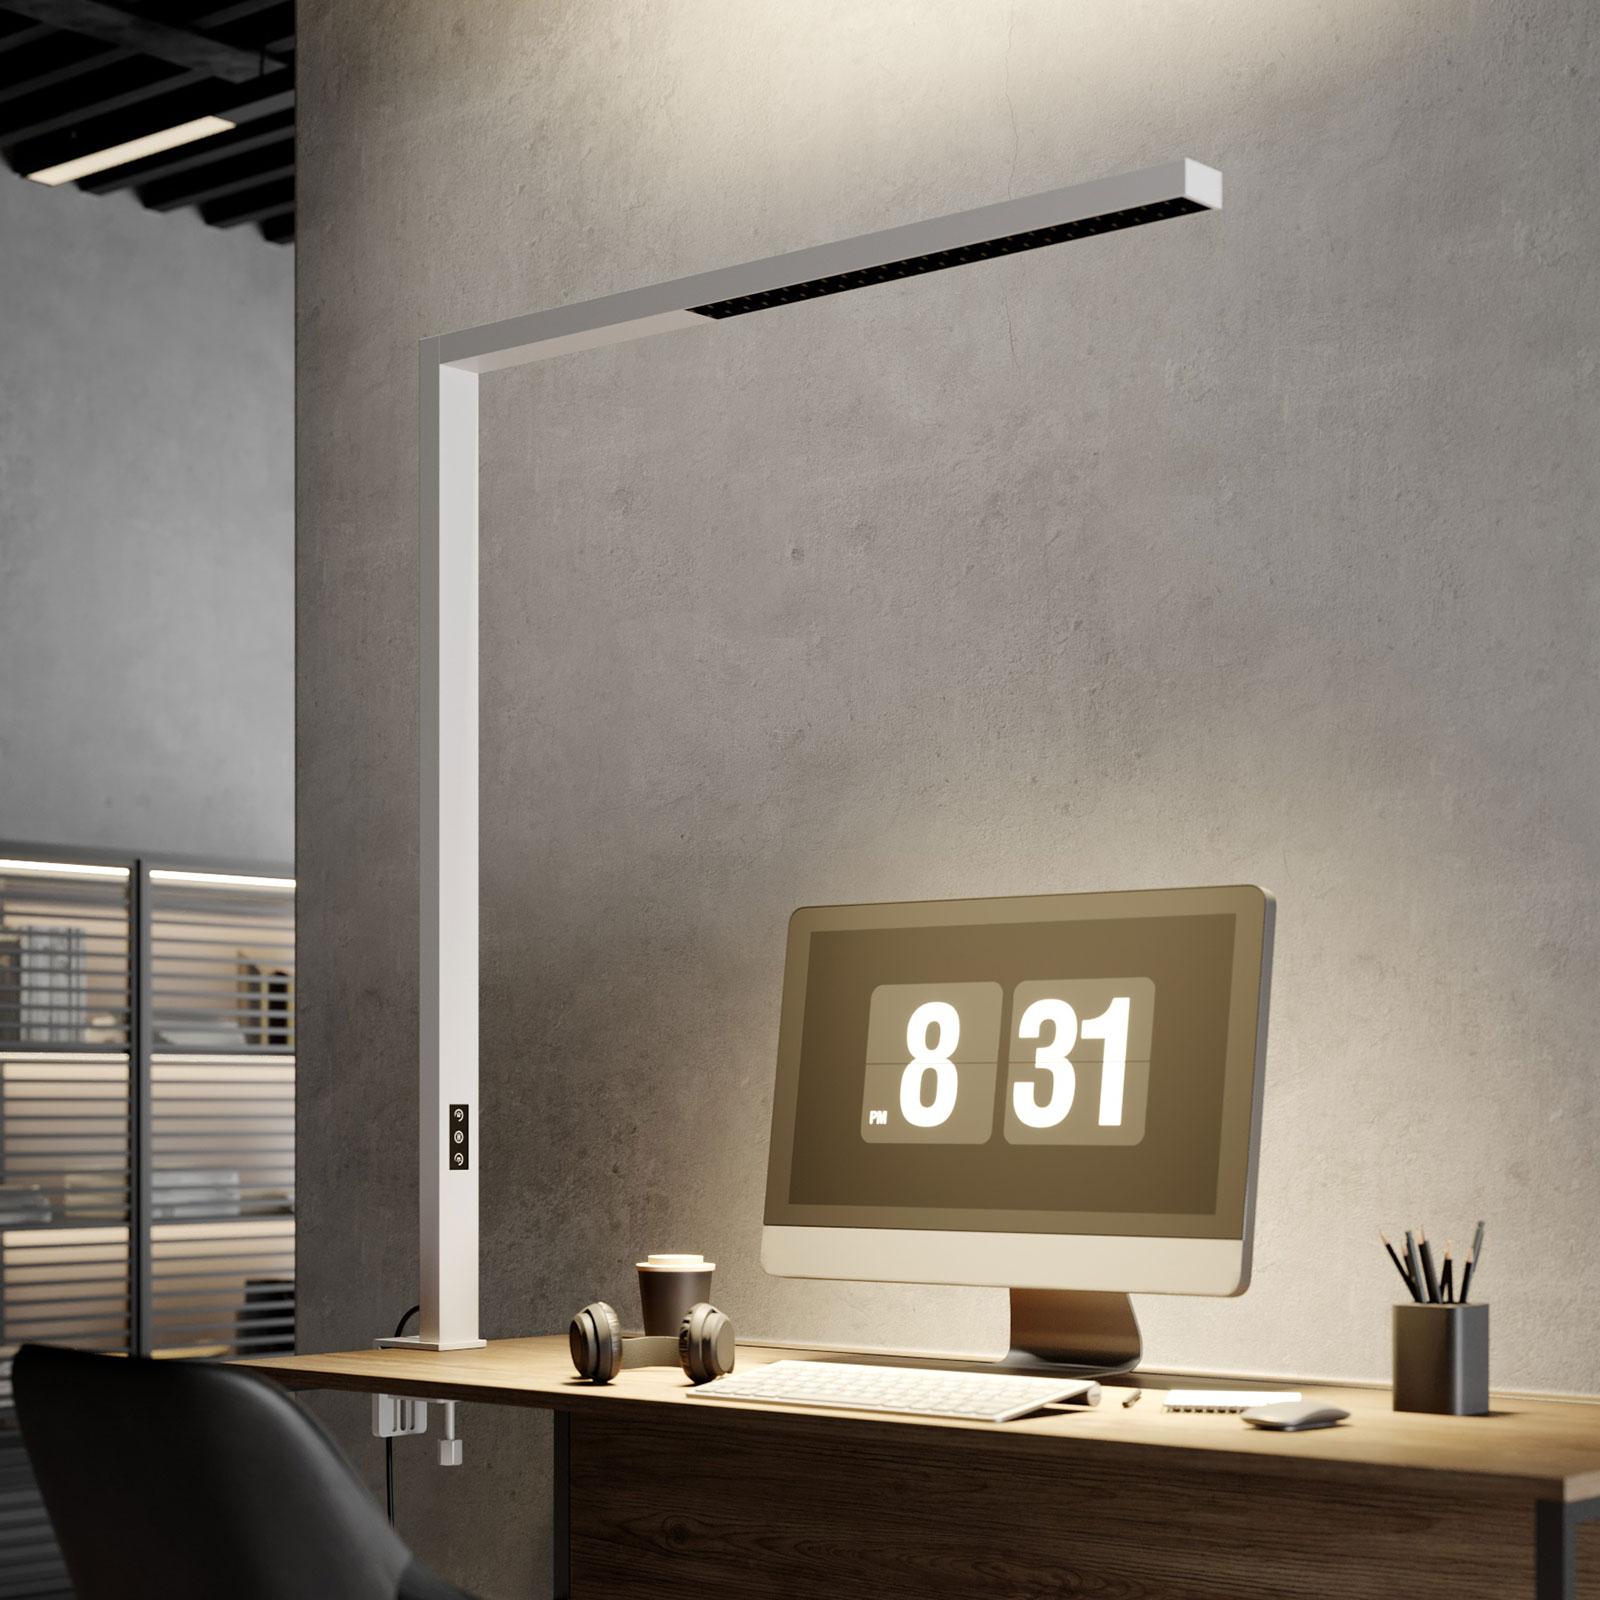 Arcchio Jolinda LED-klämlampa för kontoret, vit